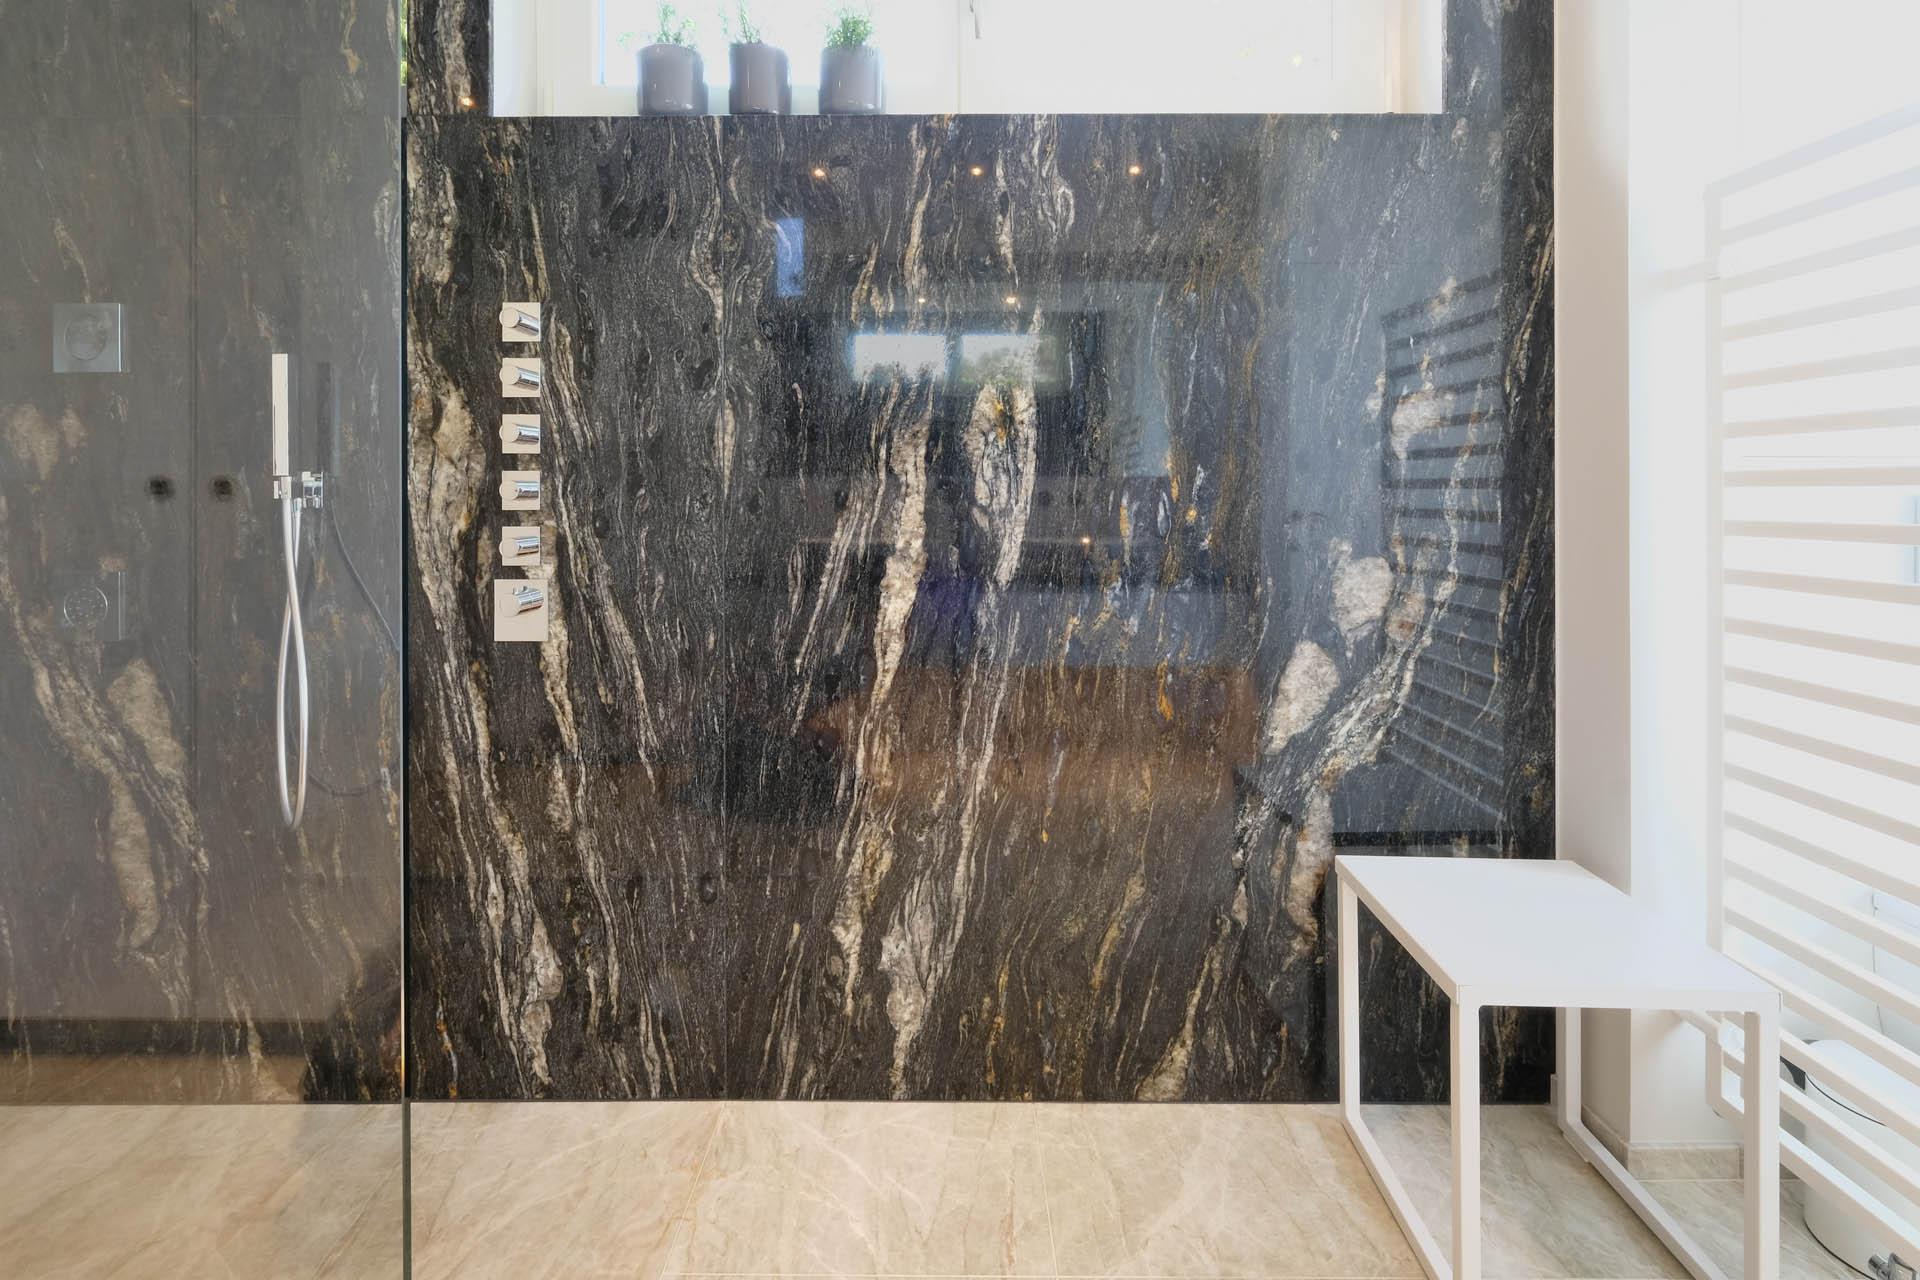 Struktur-/Spiegelschnitt aus Taj Mahal und Cosmic Black